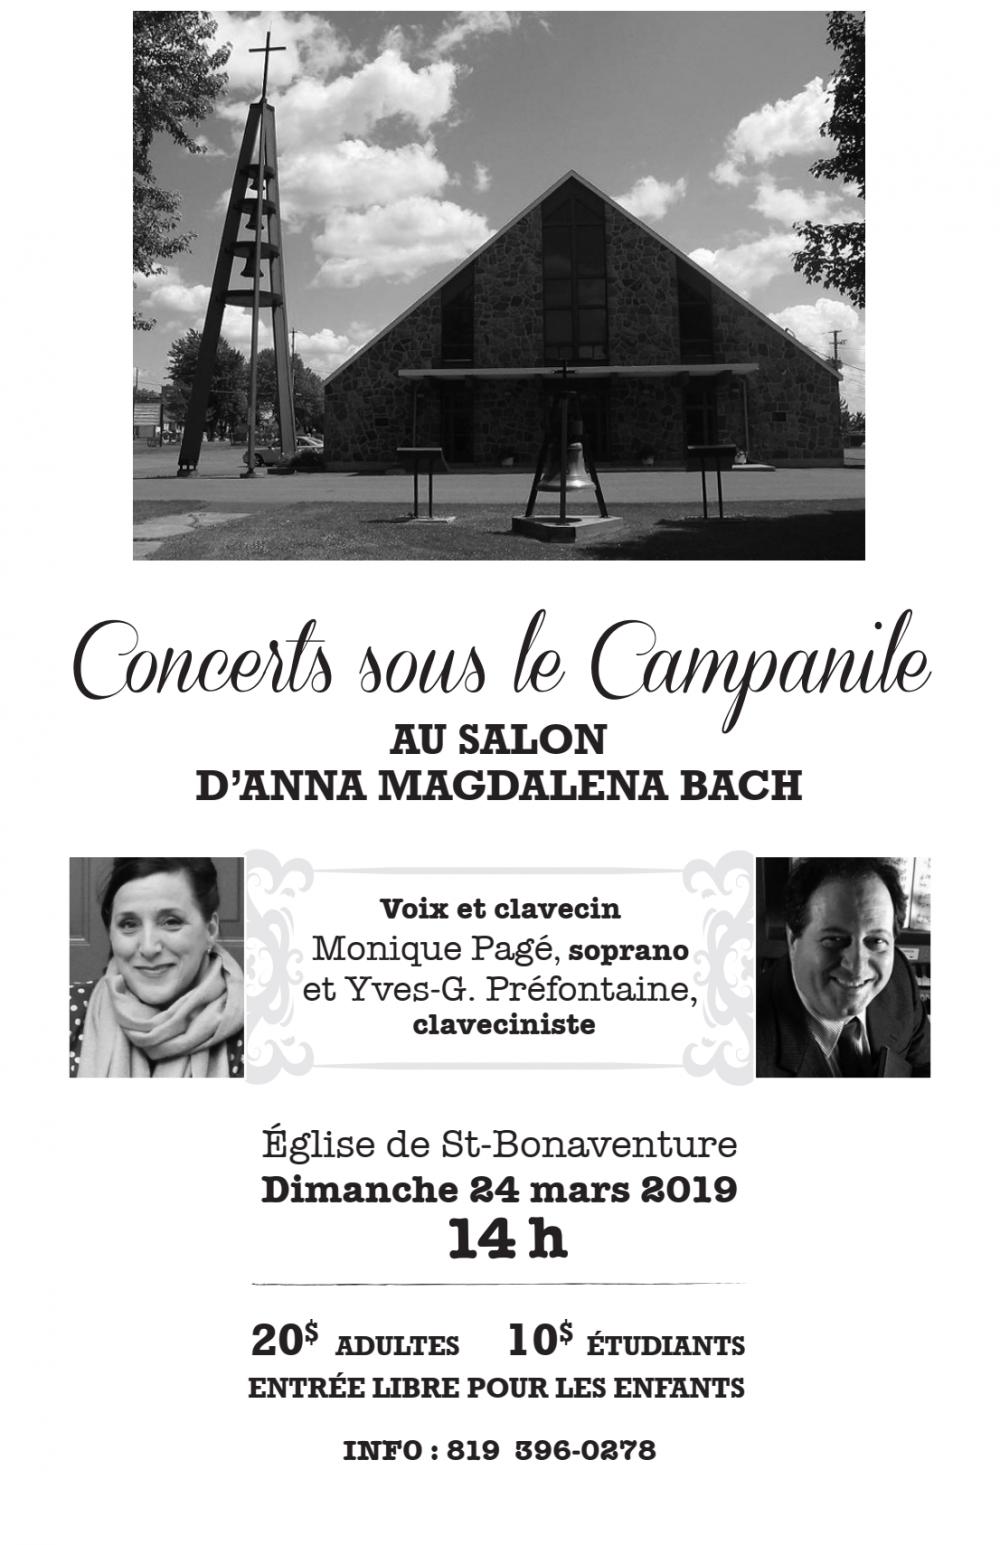 Concert sous le campanile